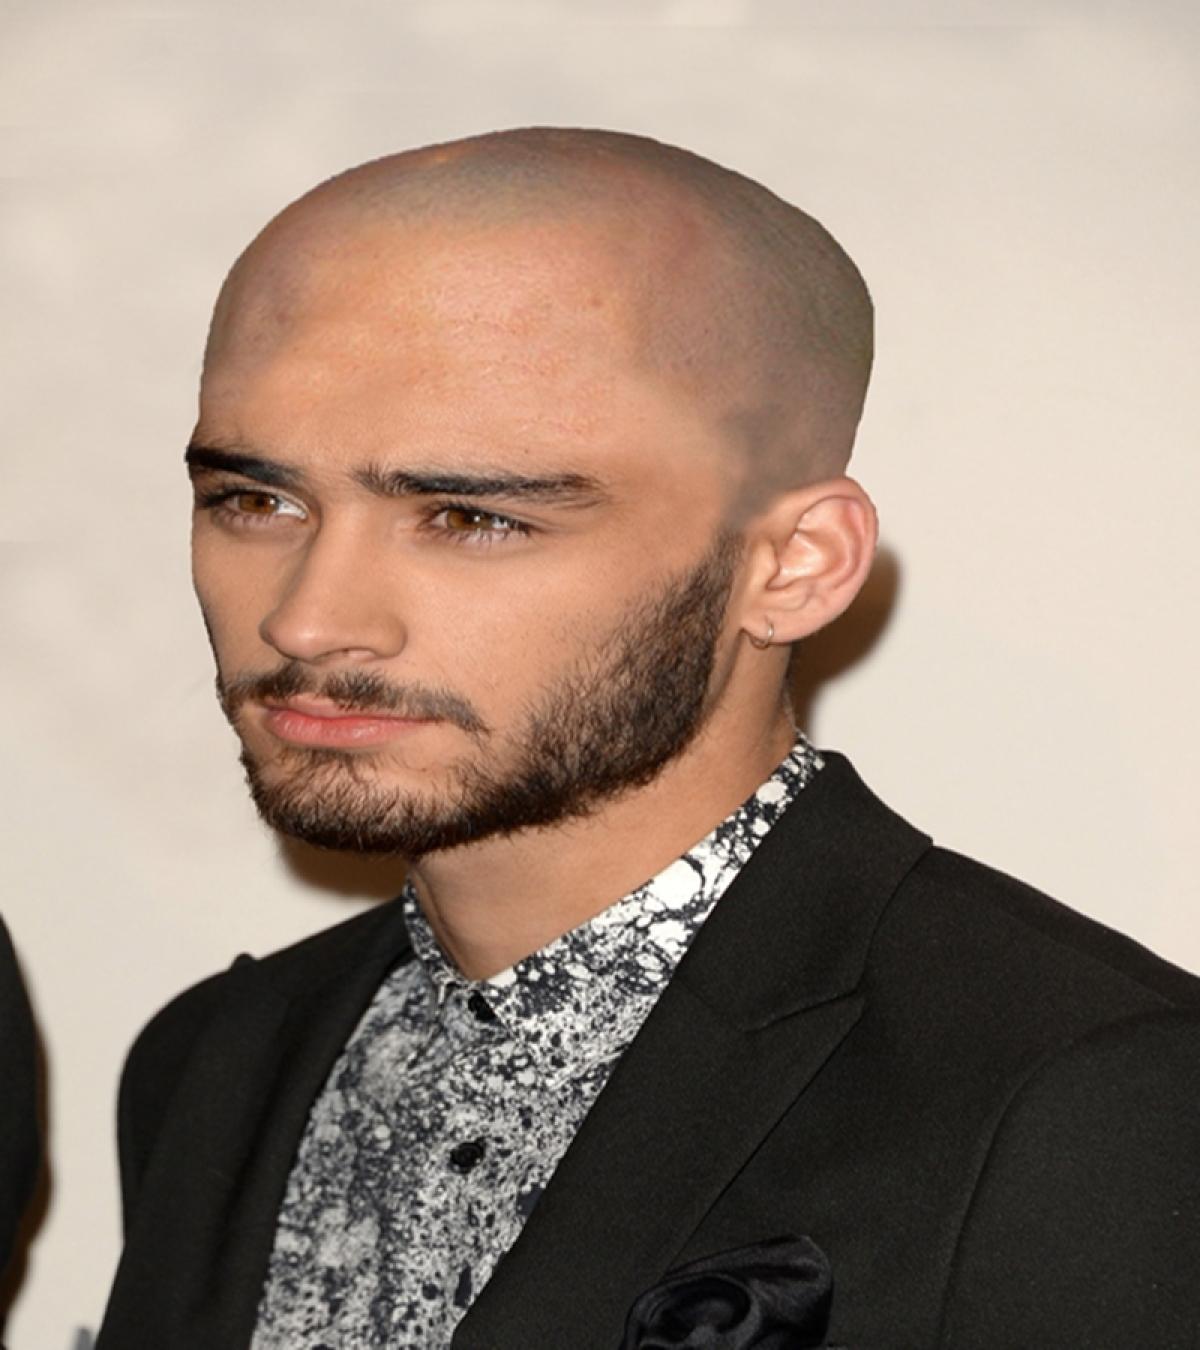 OMG! Zayn Malik went bald! Read why